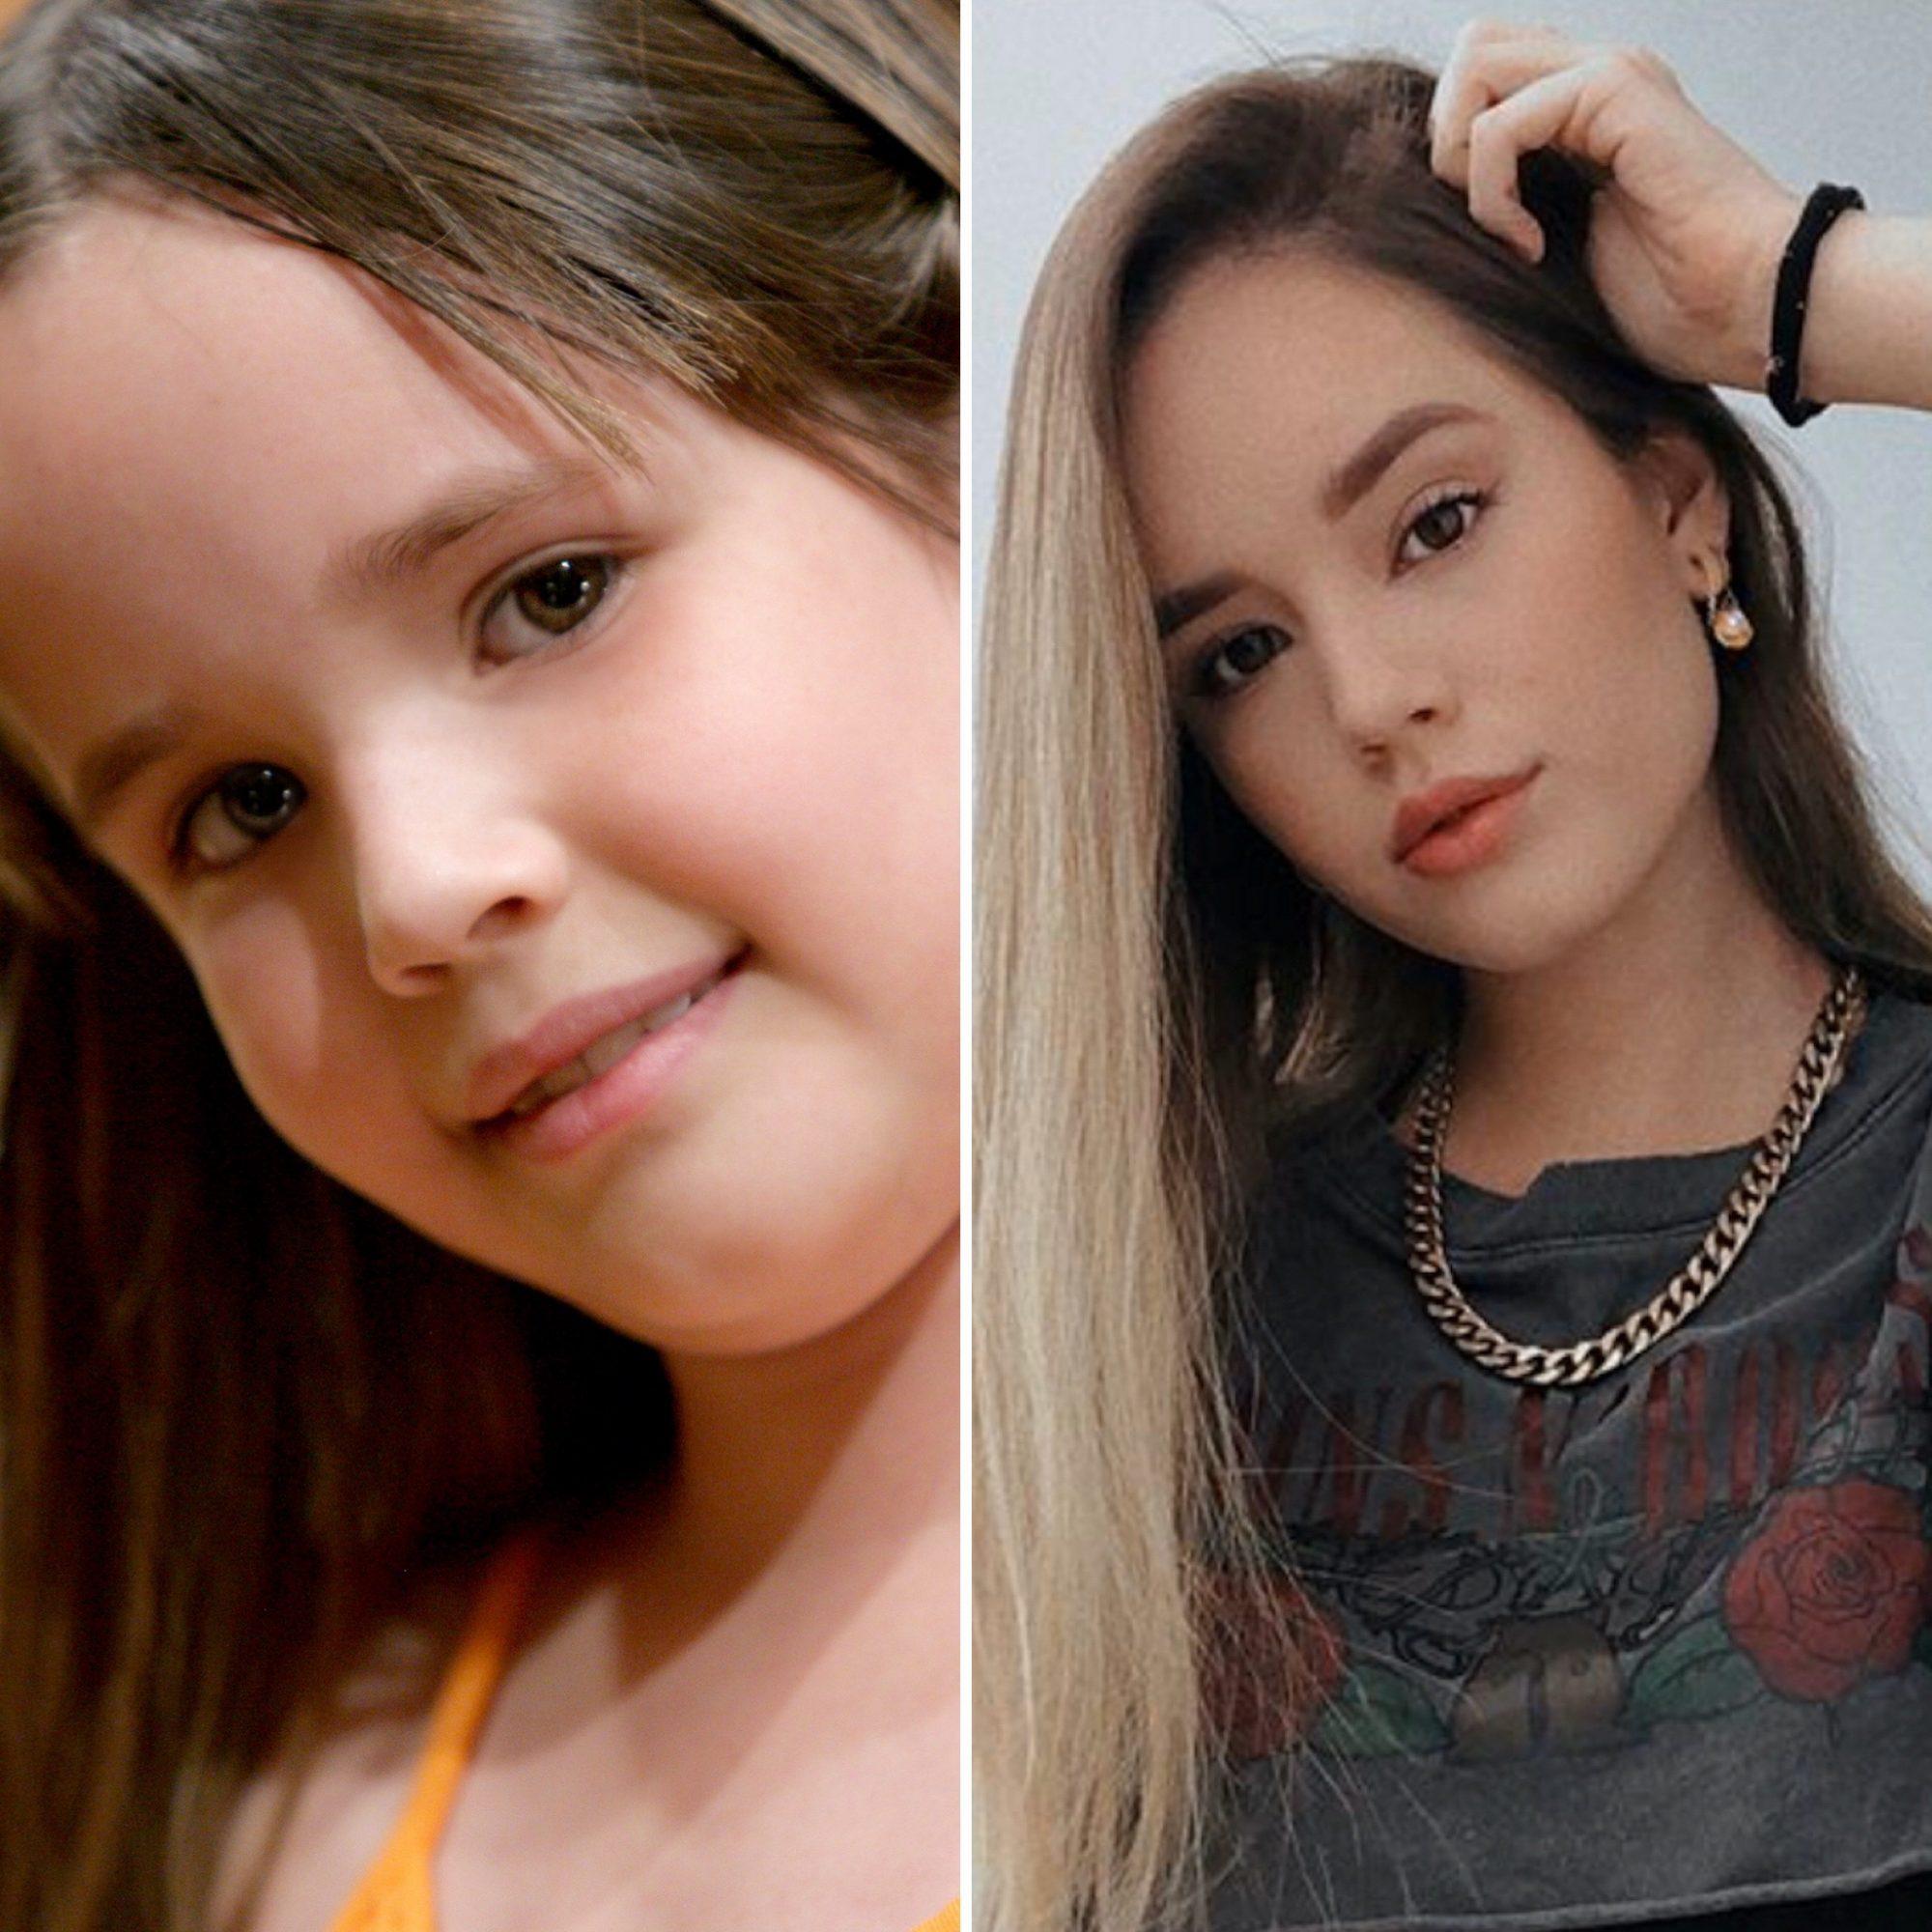 Cuidado Con El Aacute Ngel As Iacute Luce Ahora La Hija De William Levy People En Español